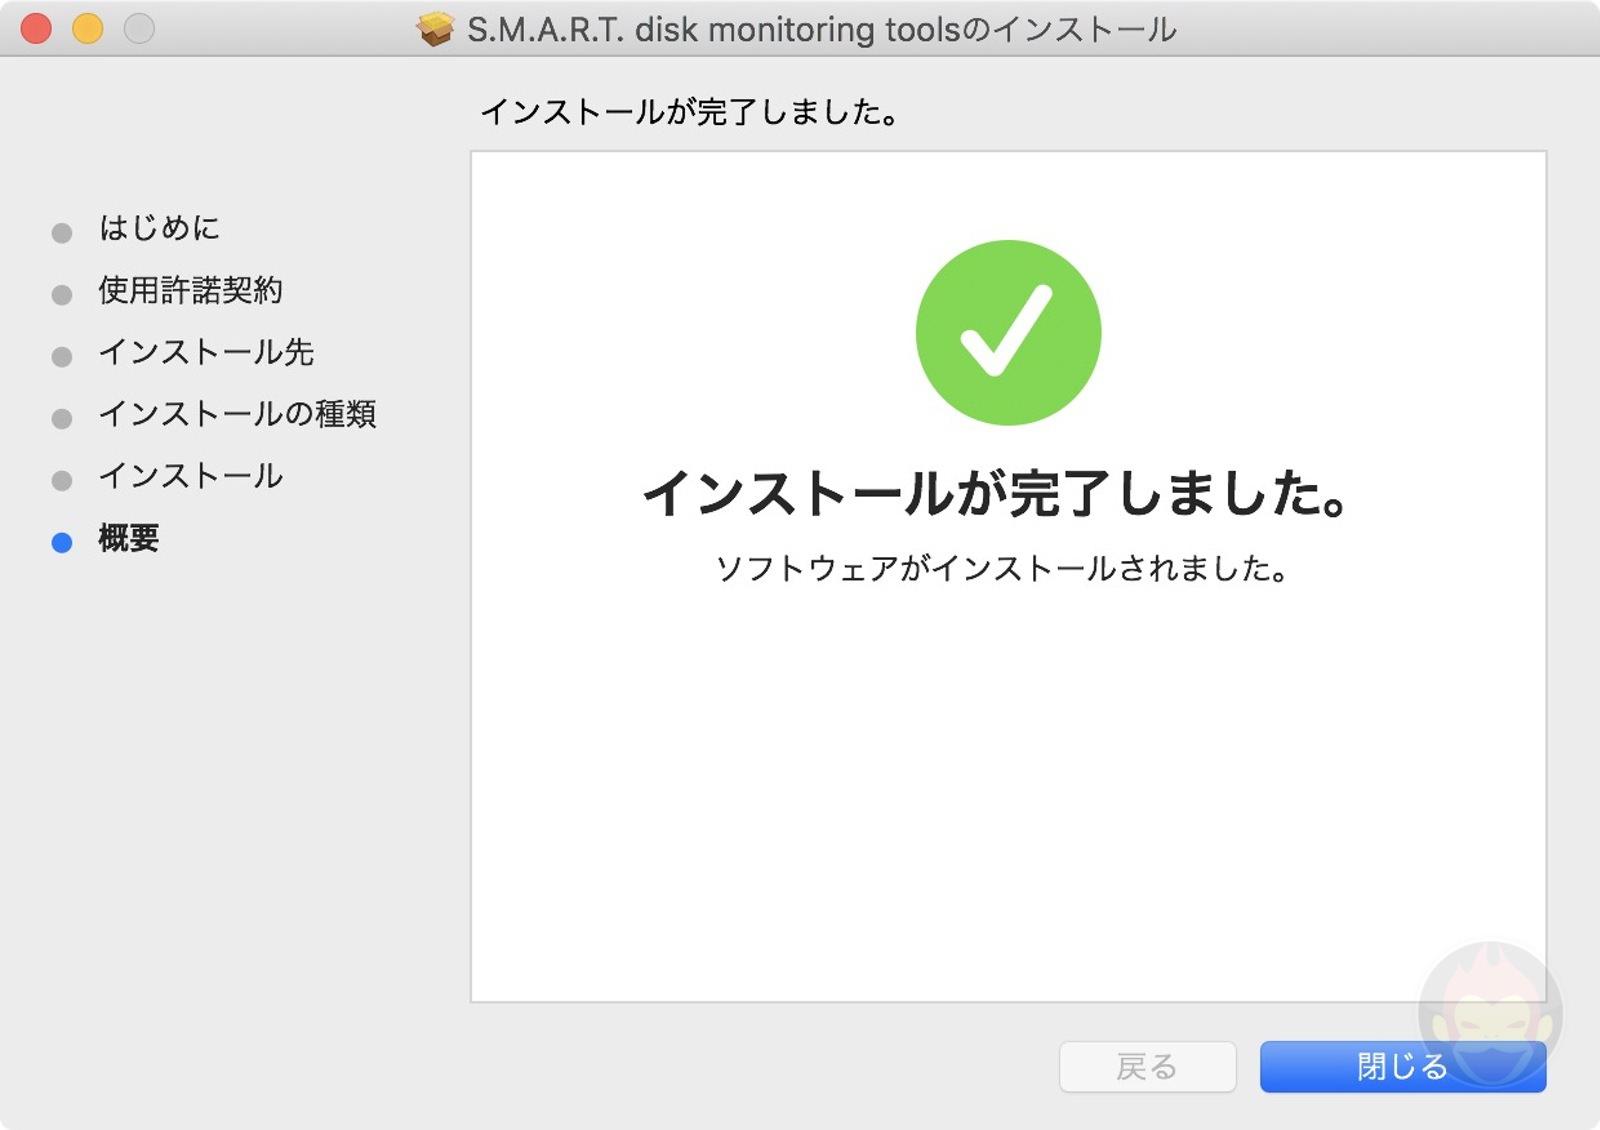 SMART SSD information for 16mbp2019 04